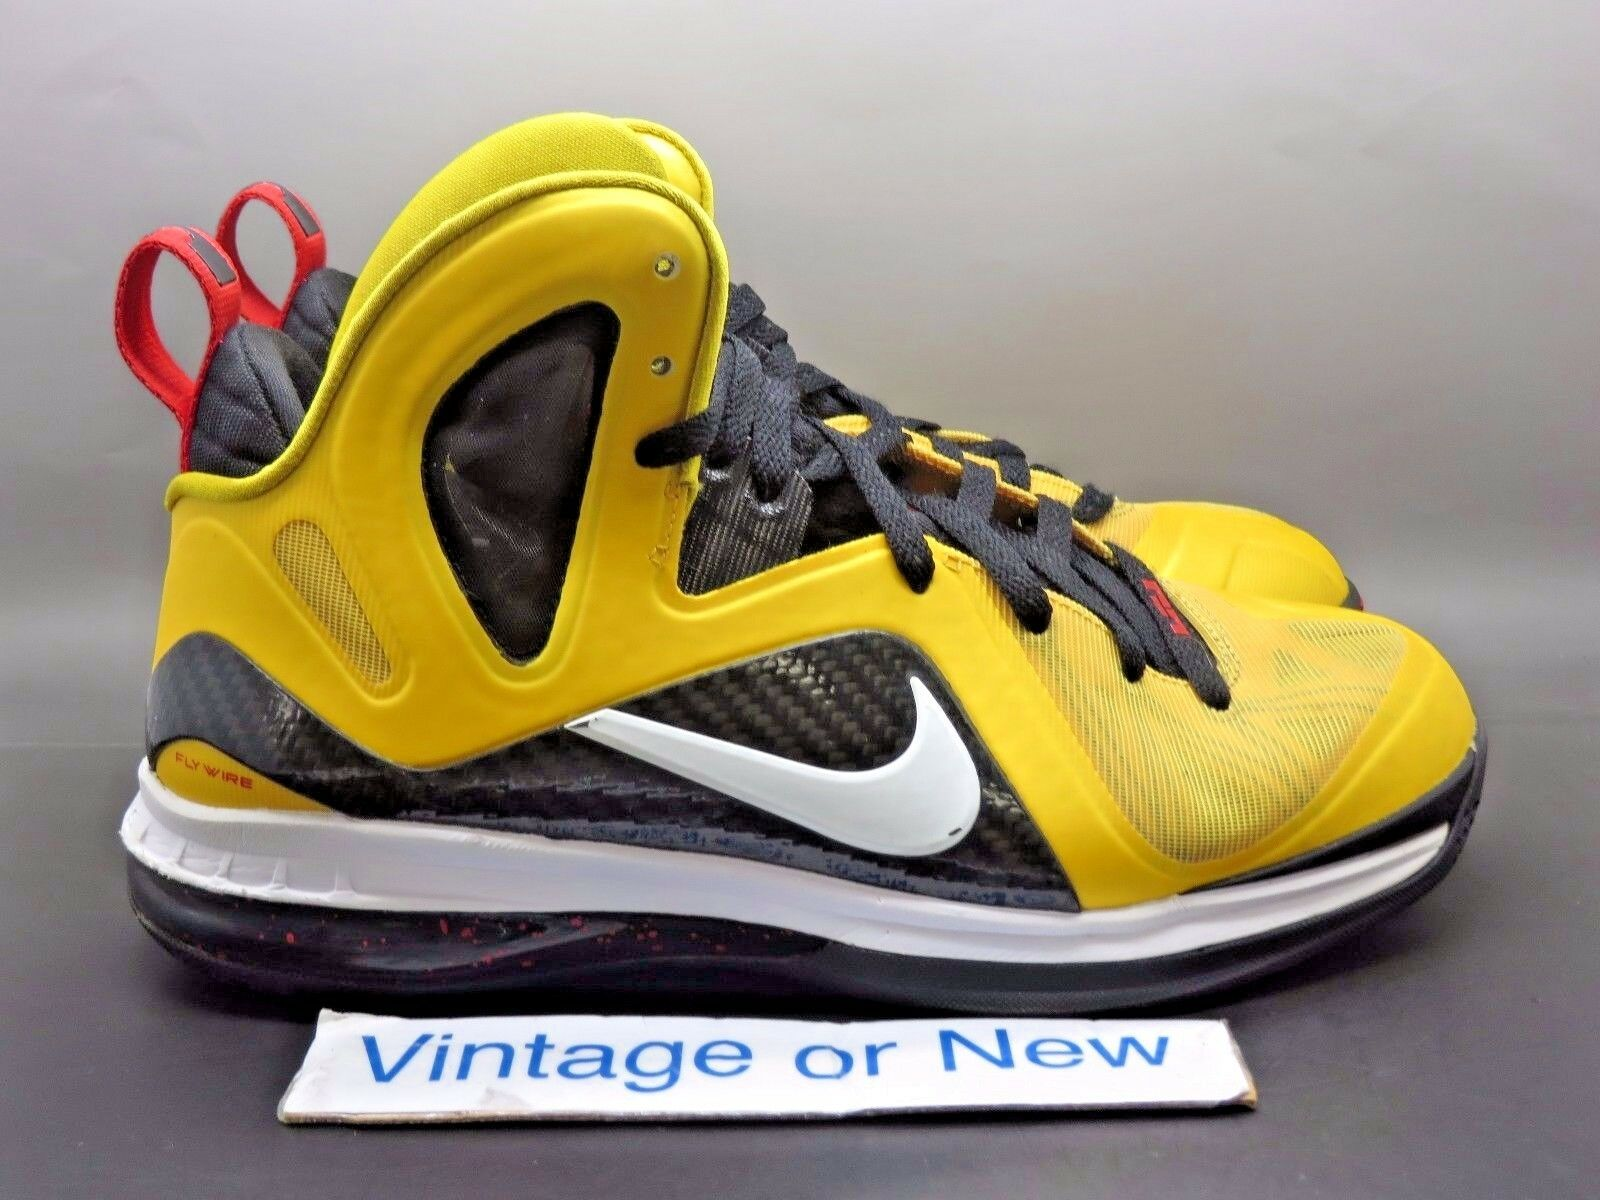 premium selection 05e56 ef743 Nike lebron ix 9 9 9 p.s.elite taxi sz - 8 261933